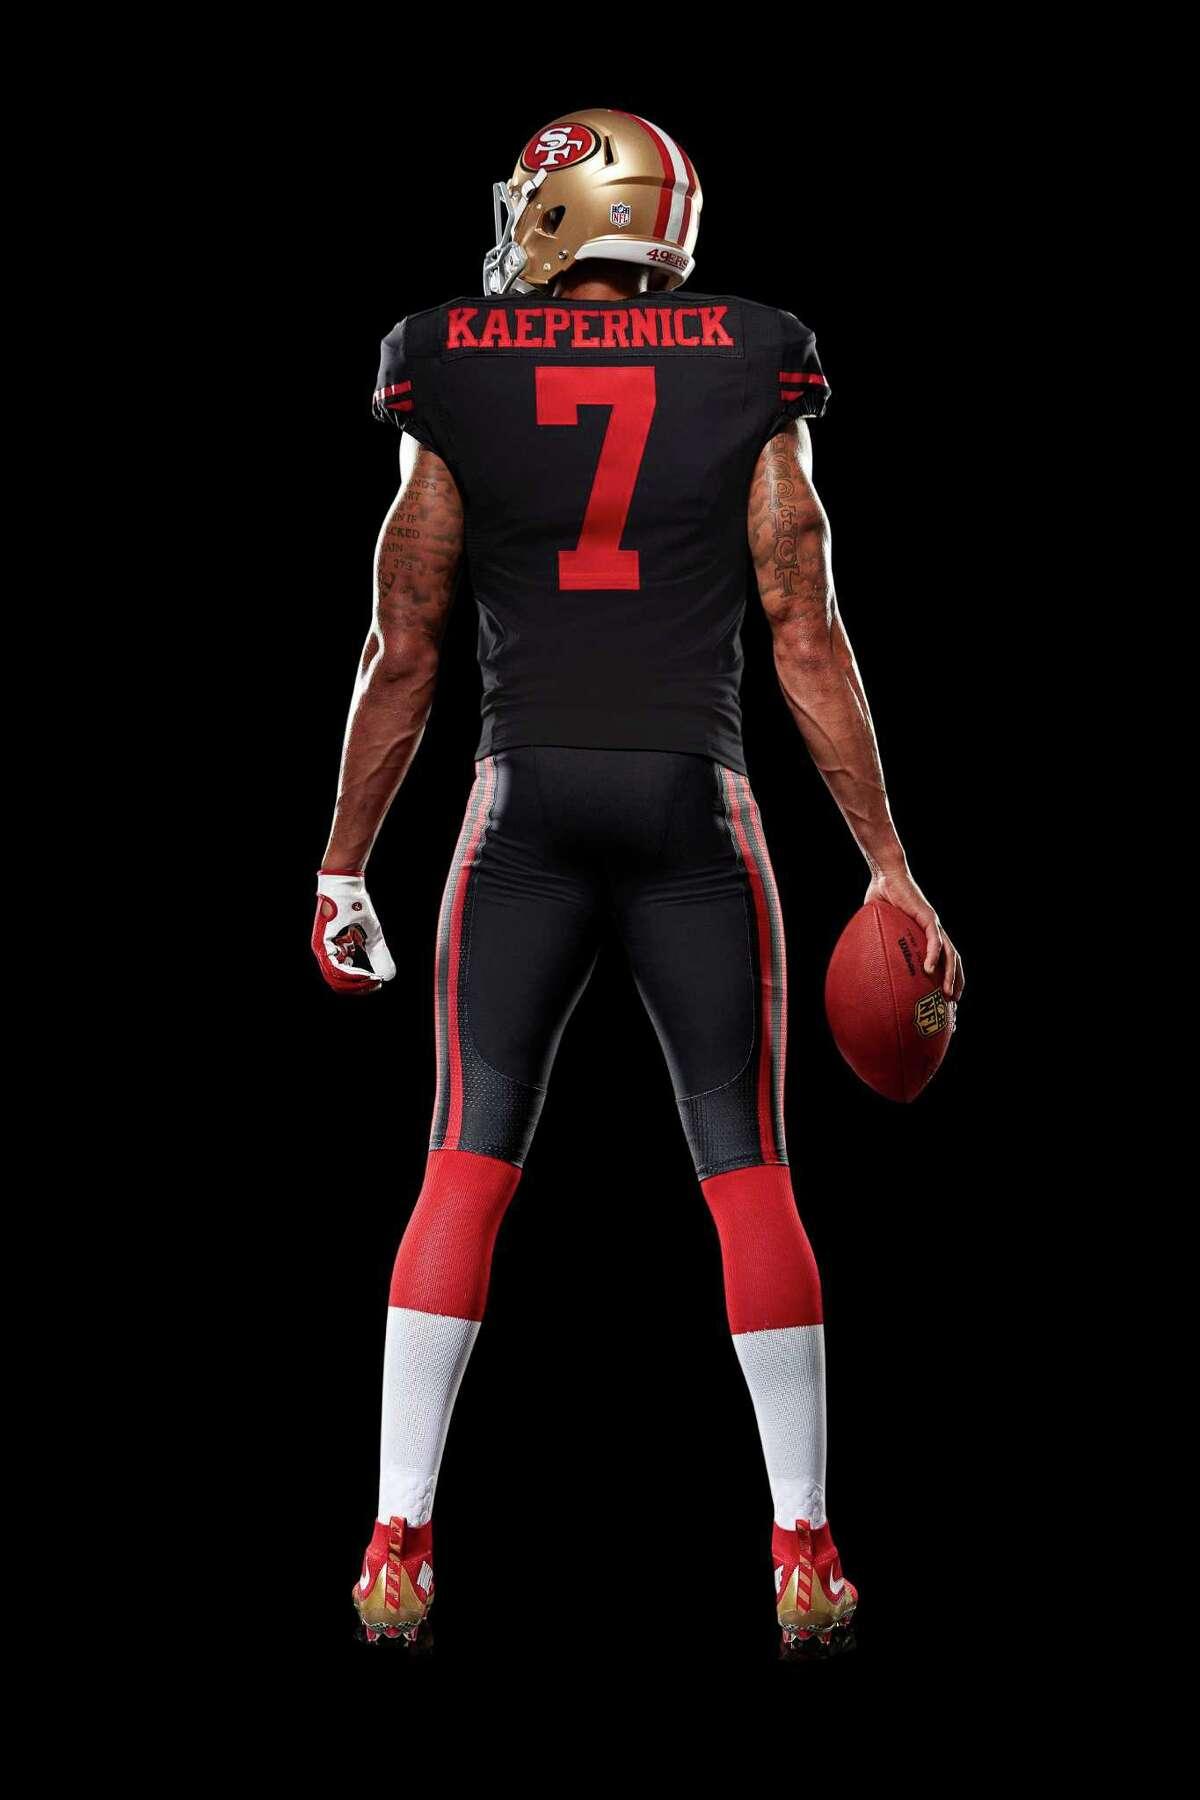 Proposed 49er alternative uniform